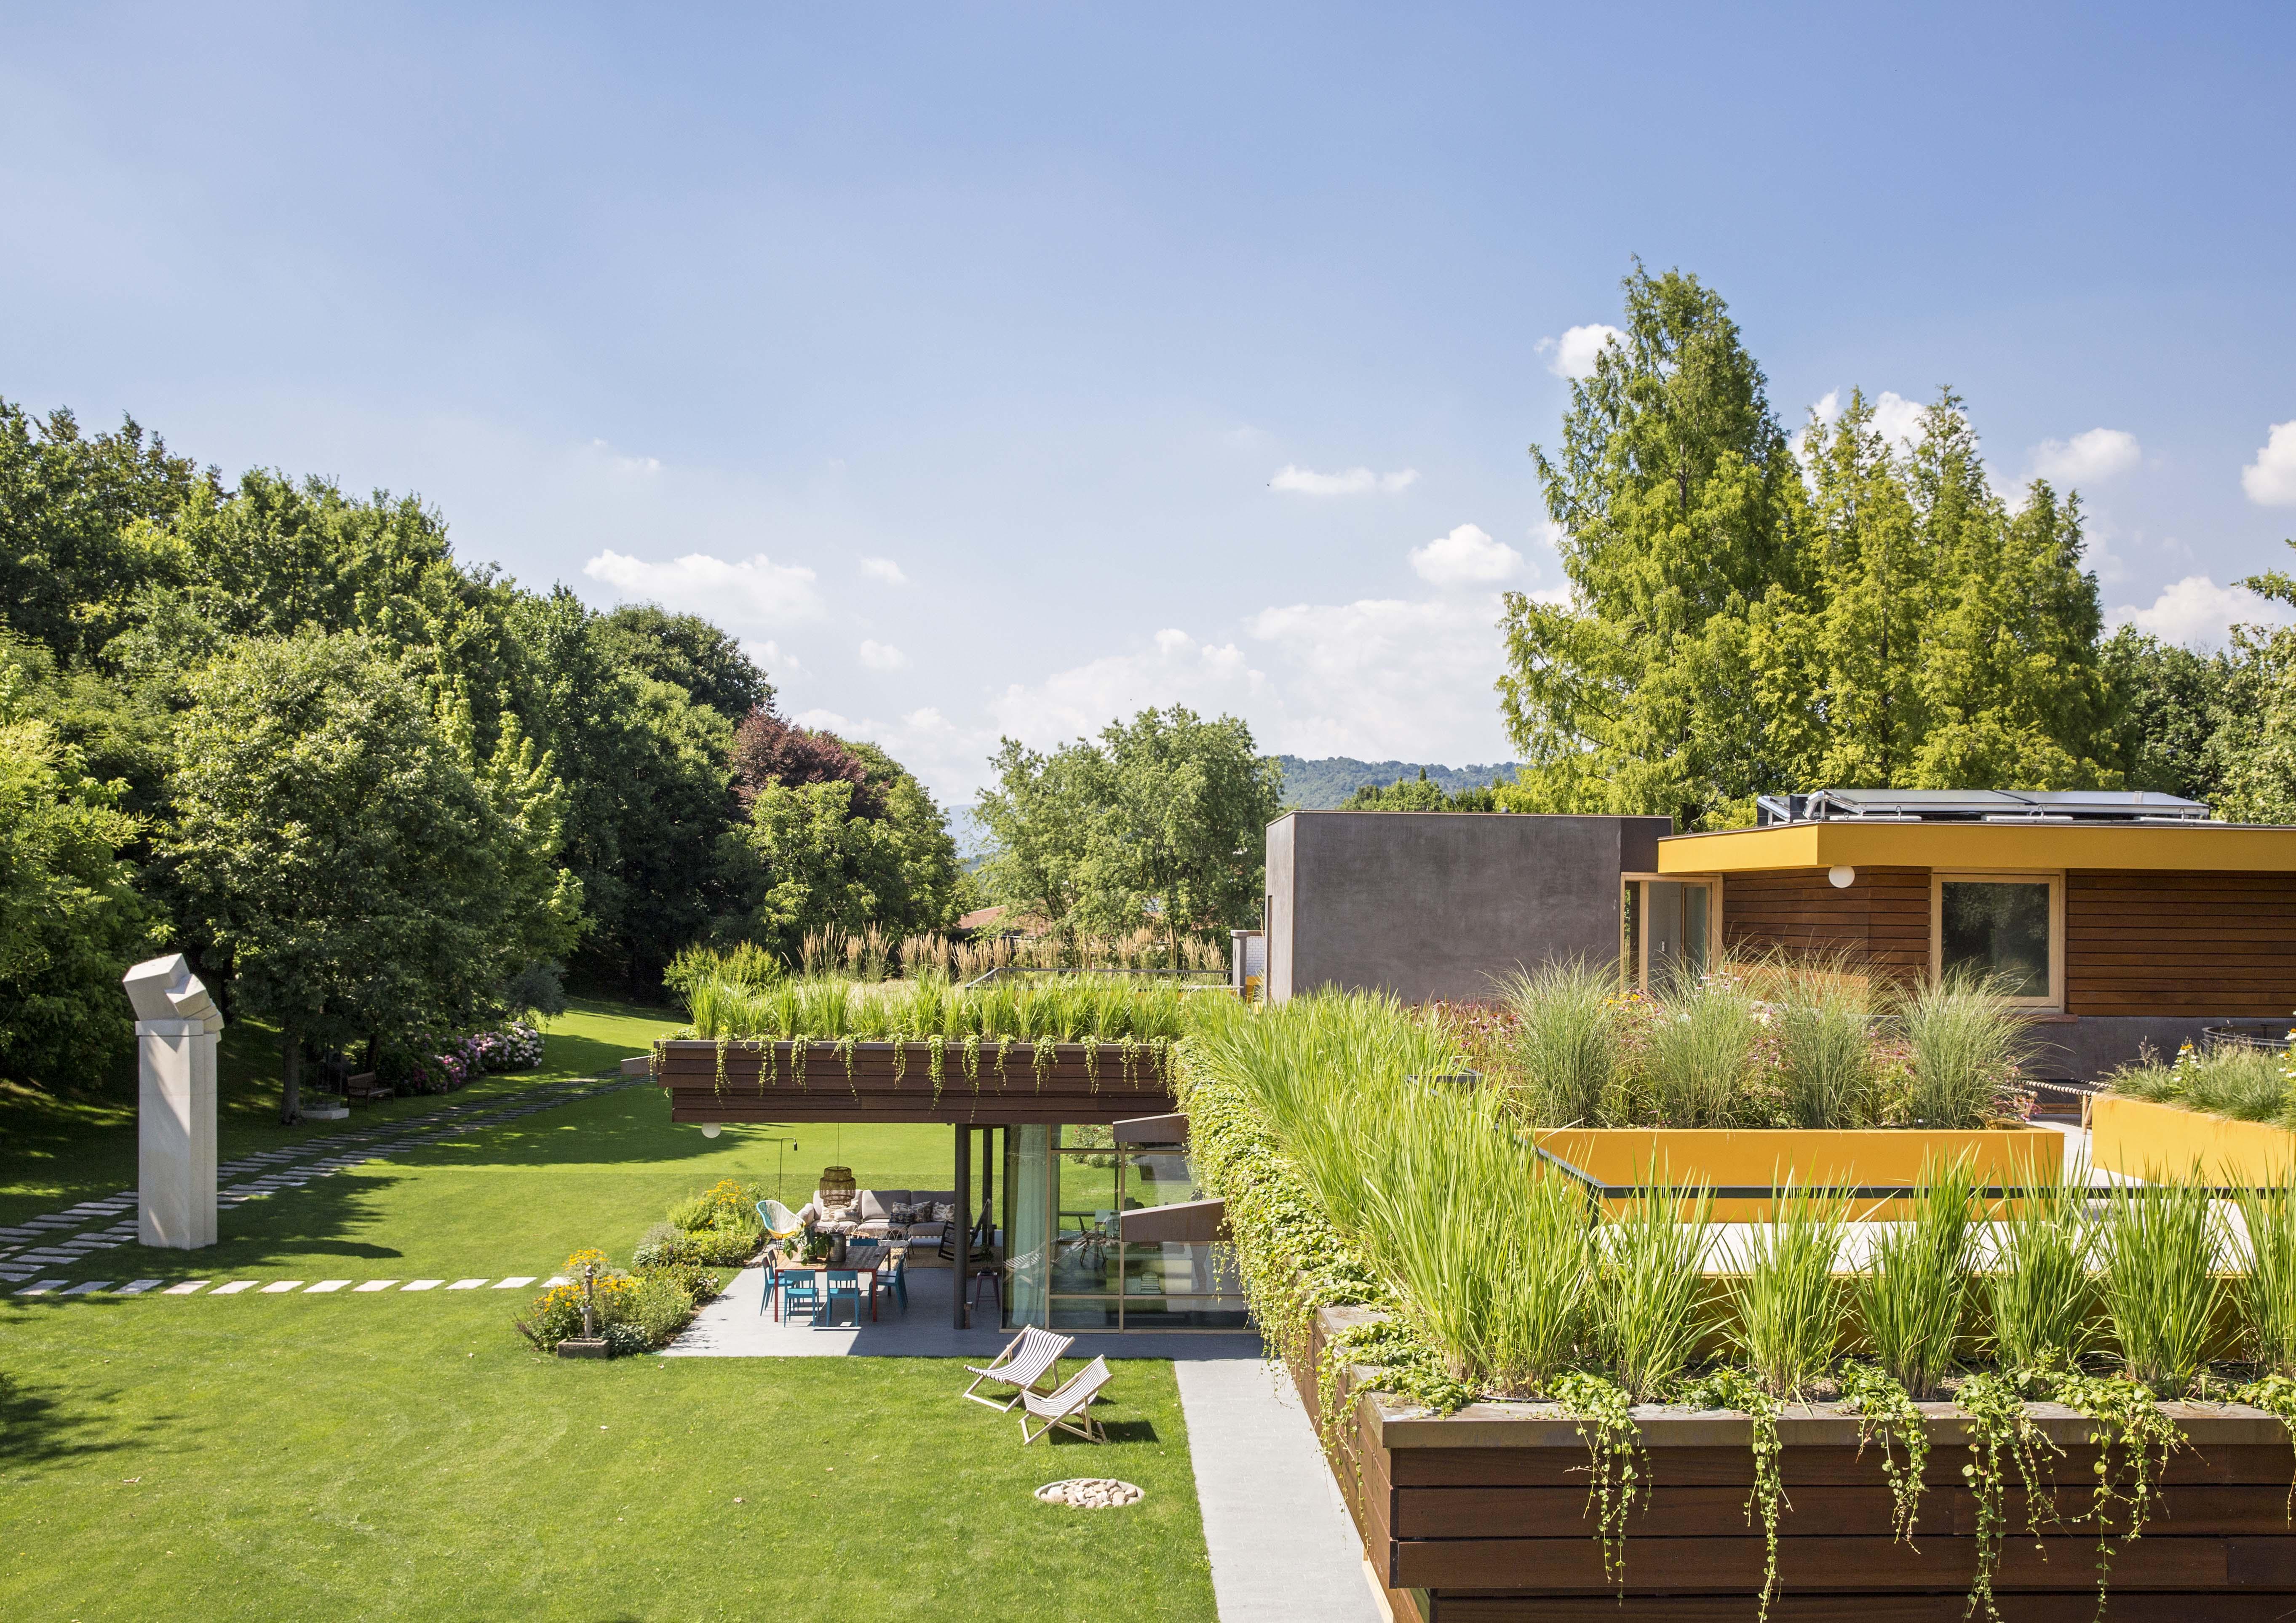 Elegant casa vf una perfetta simbiosi con la natura with for Ville di campagna progetti